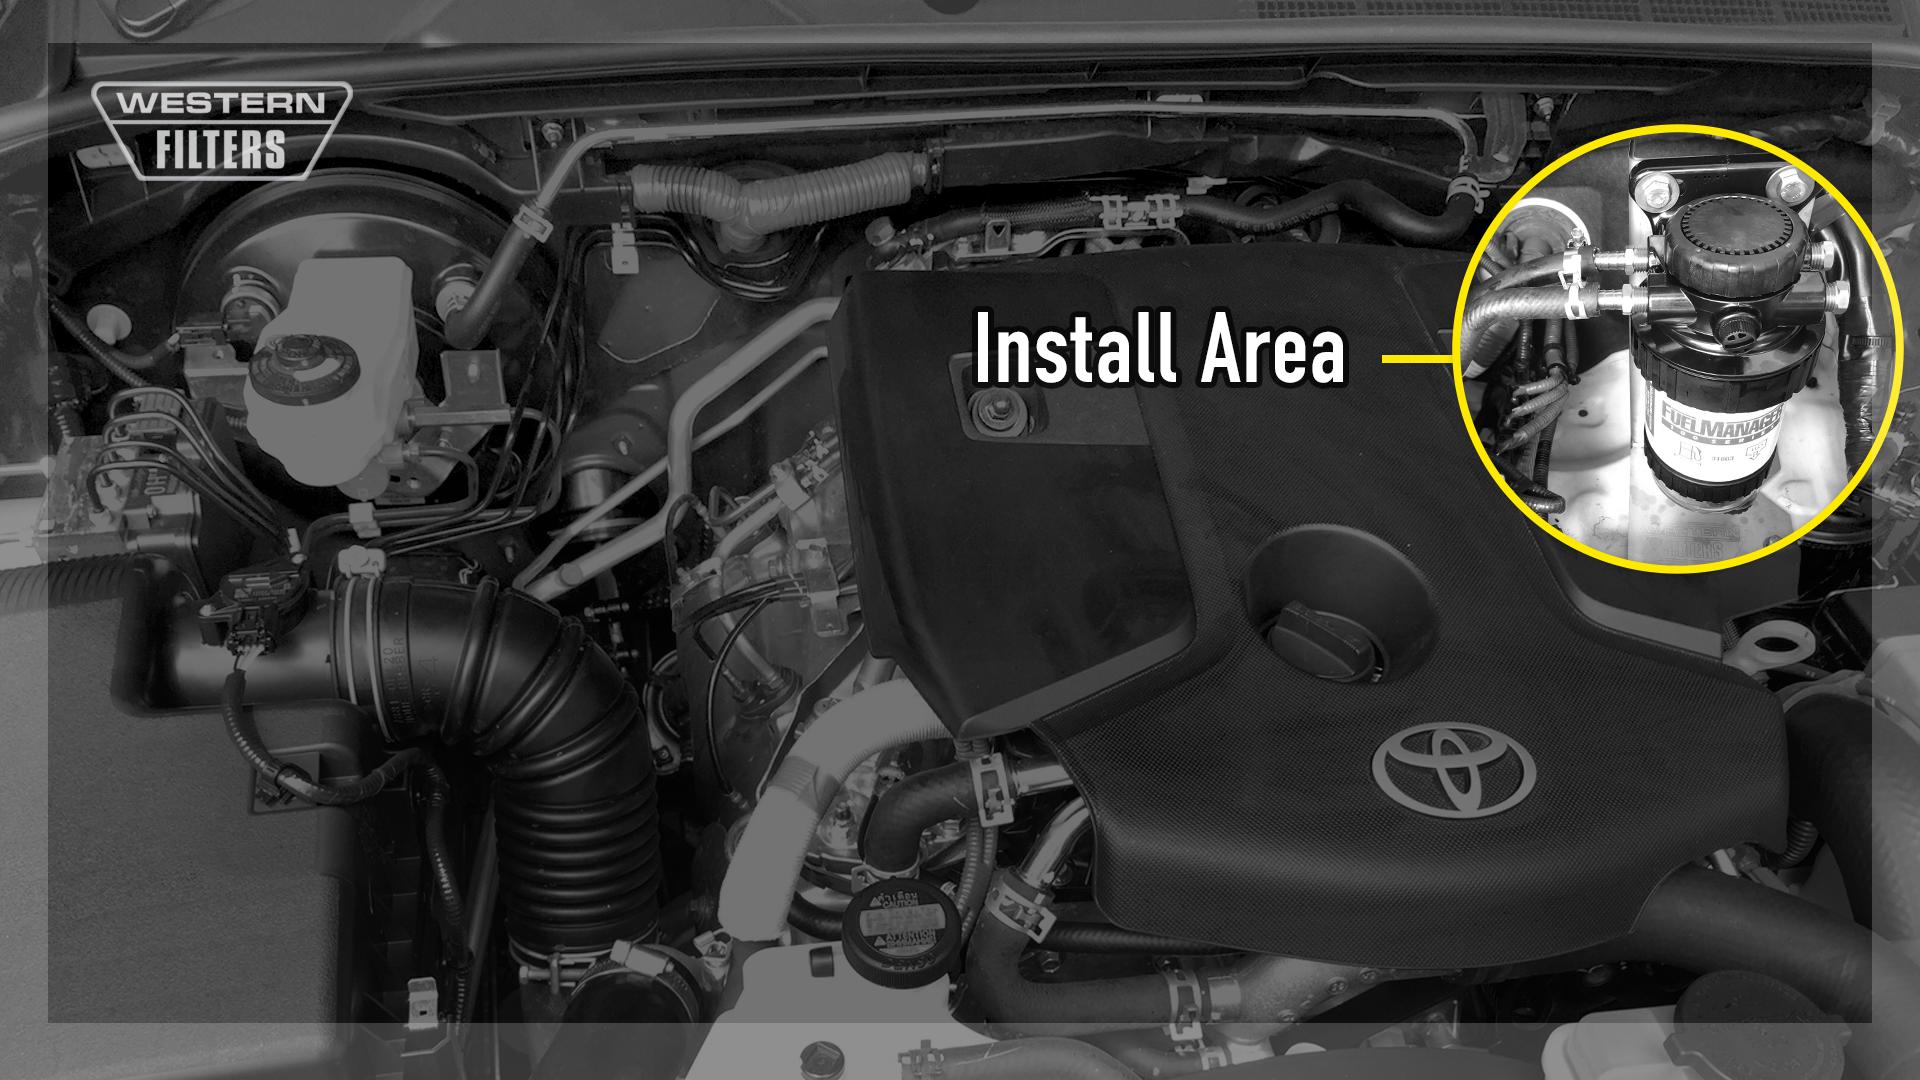 OS-12-FM Toyota Hilux / Fortuner N80 2 4L 2 8L Diesel GUN-126R EGR 1GD-FTV  2GD-FTV 2015-on - Fuel Manager Pre-Filter Water Separator Kit